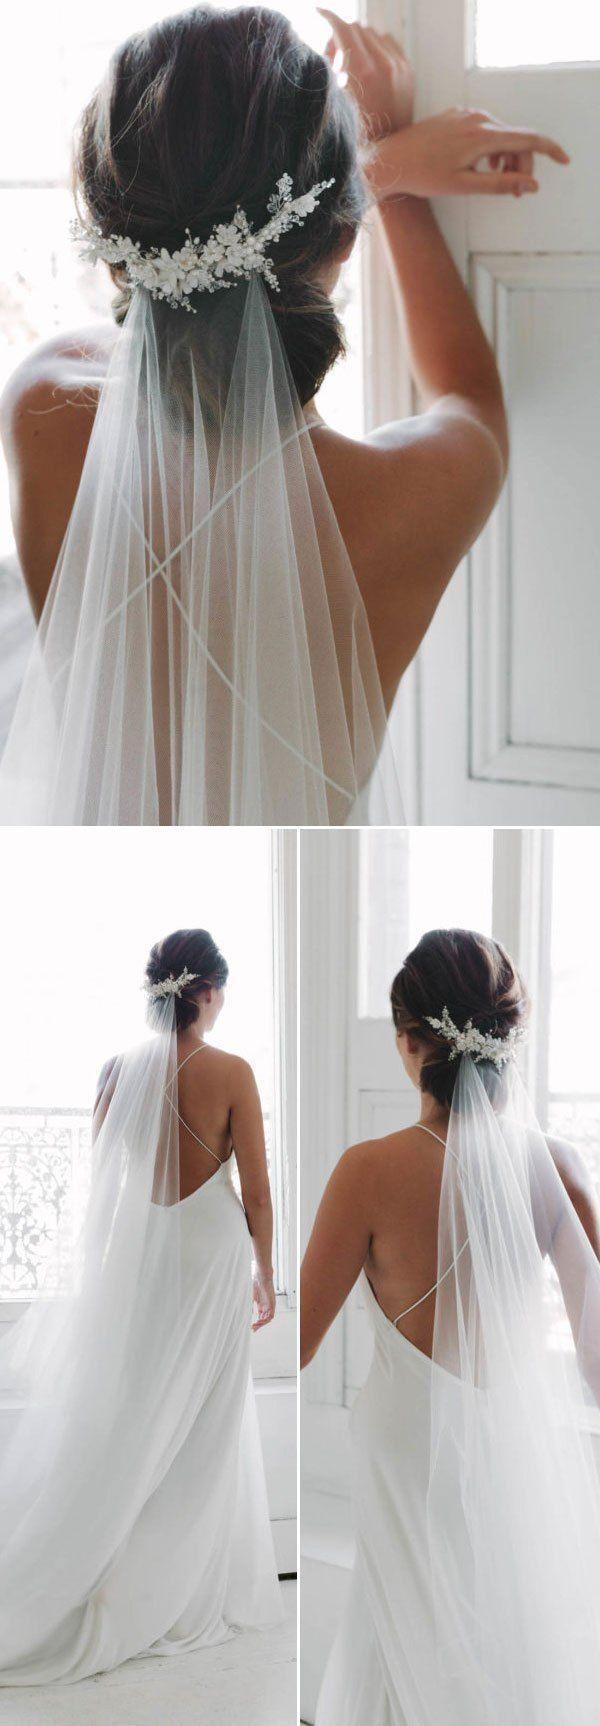 Sehr elegant und romantisch! Perfekt für eine traditionelle Hochzeit! Top 20 Hochzeit